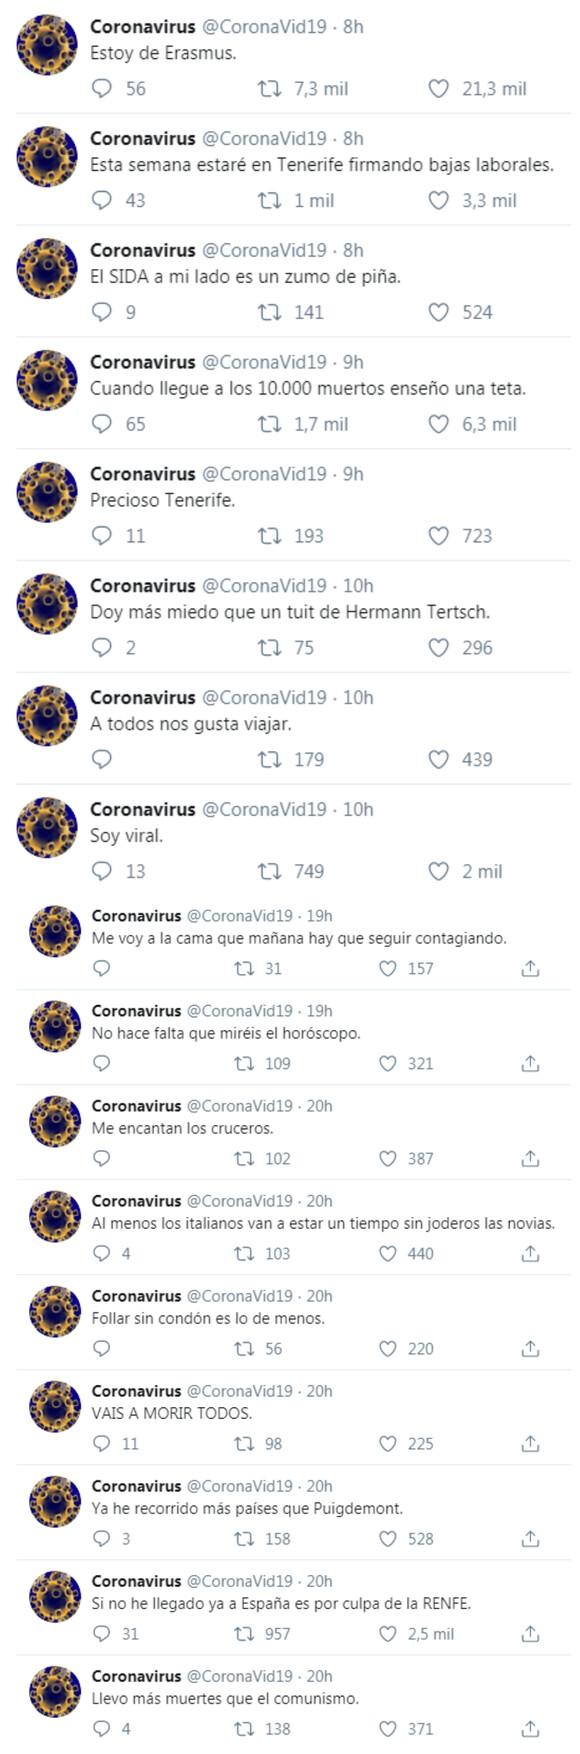 2951 - Coronavirus tuitero